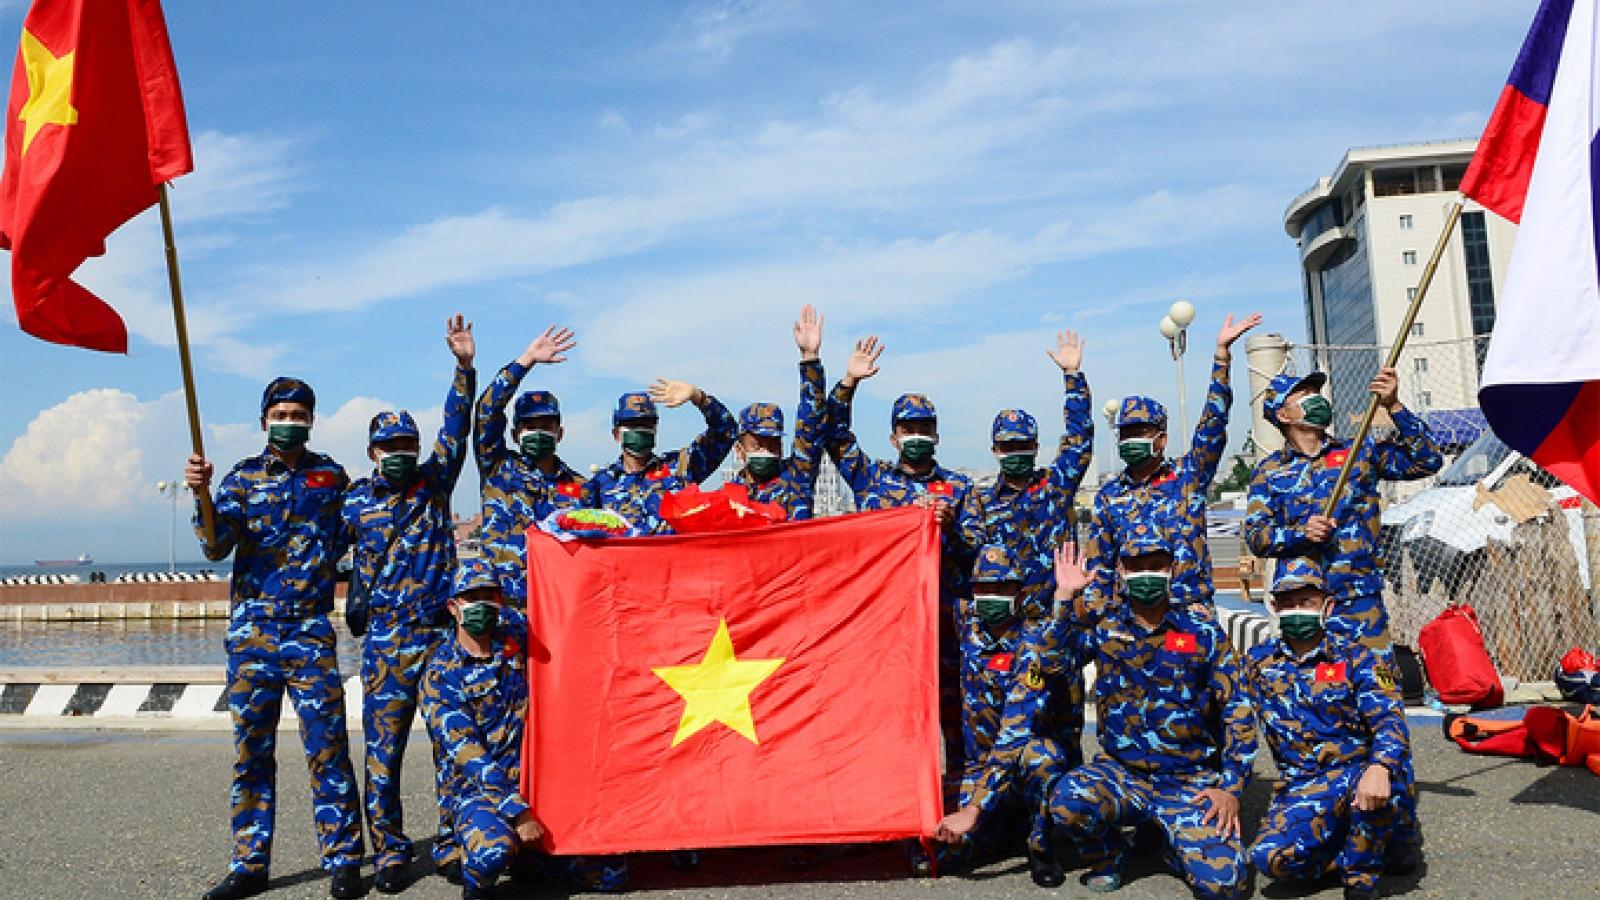 Việt Nam đã sẵn sàng cho lễ khai mạc Army Games 2021 tại Hà Nội